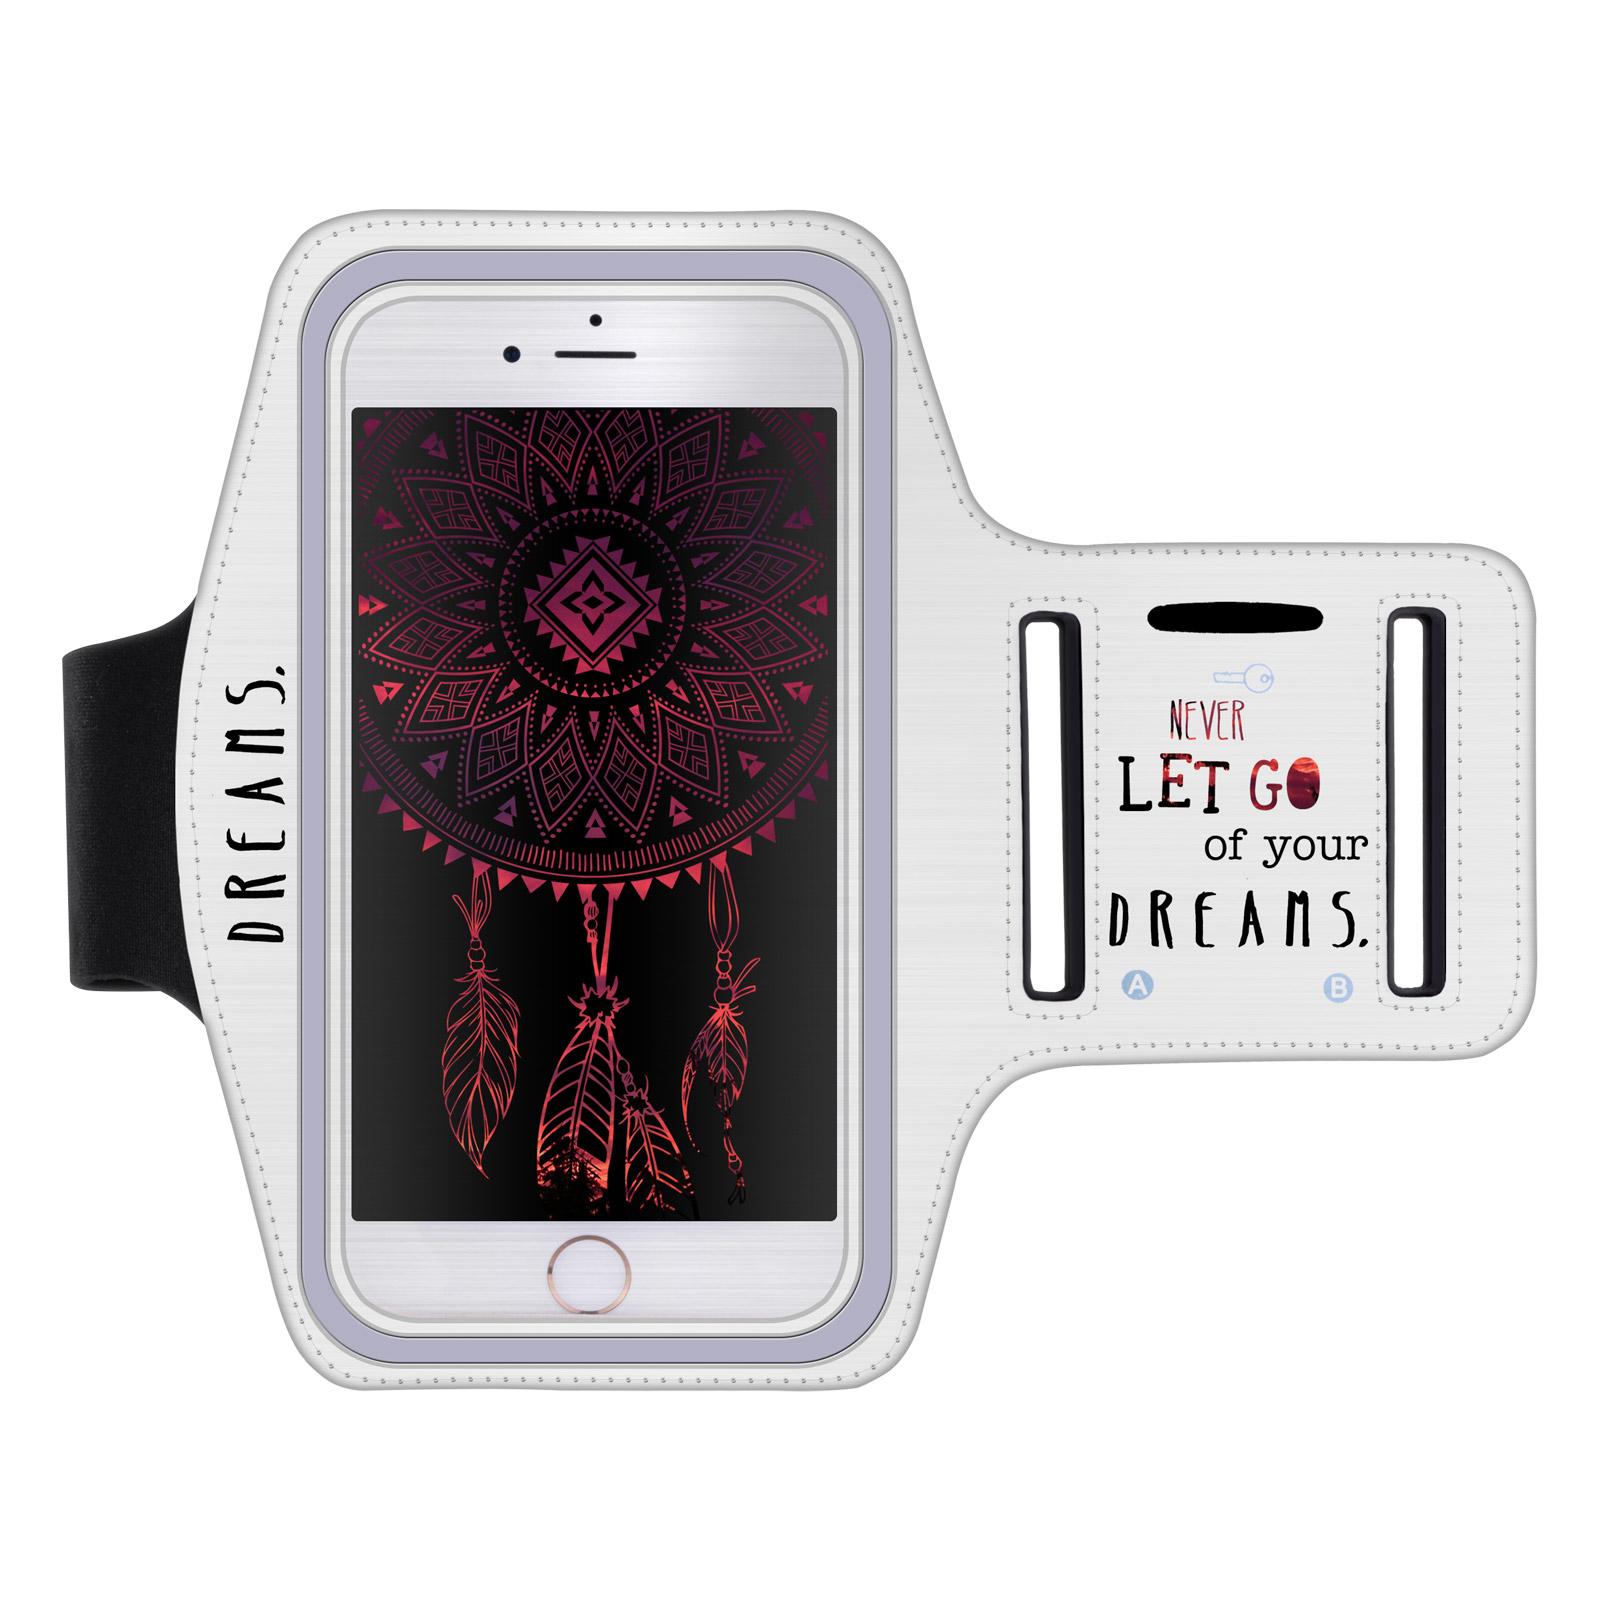 """Sportovní pouzdro NEVER DREAMS pro mobily do 5,1"""" iPhone 6 / S7 bílé (Pouzdro na běhání pro mobilní telefony do 5,1 palců)"""